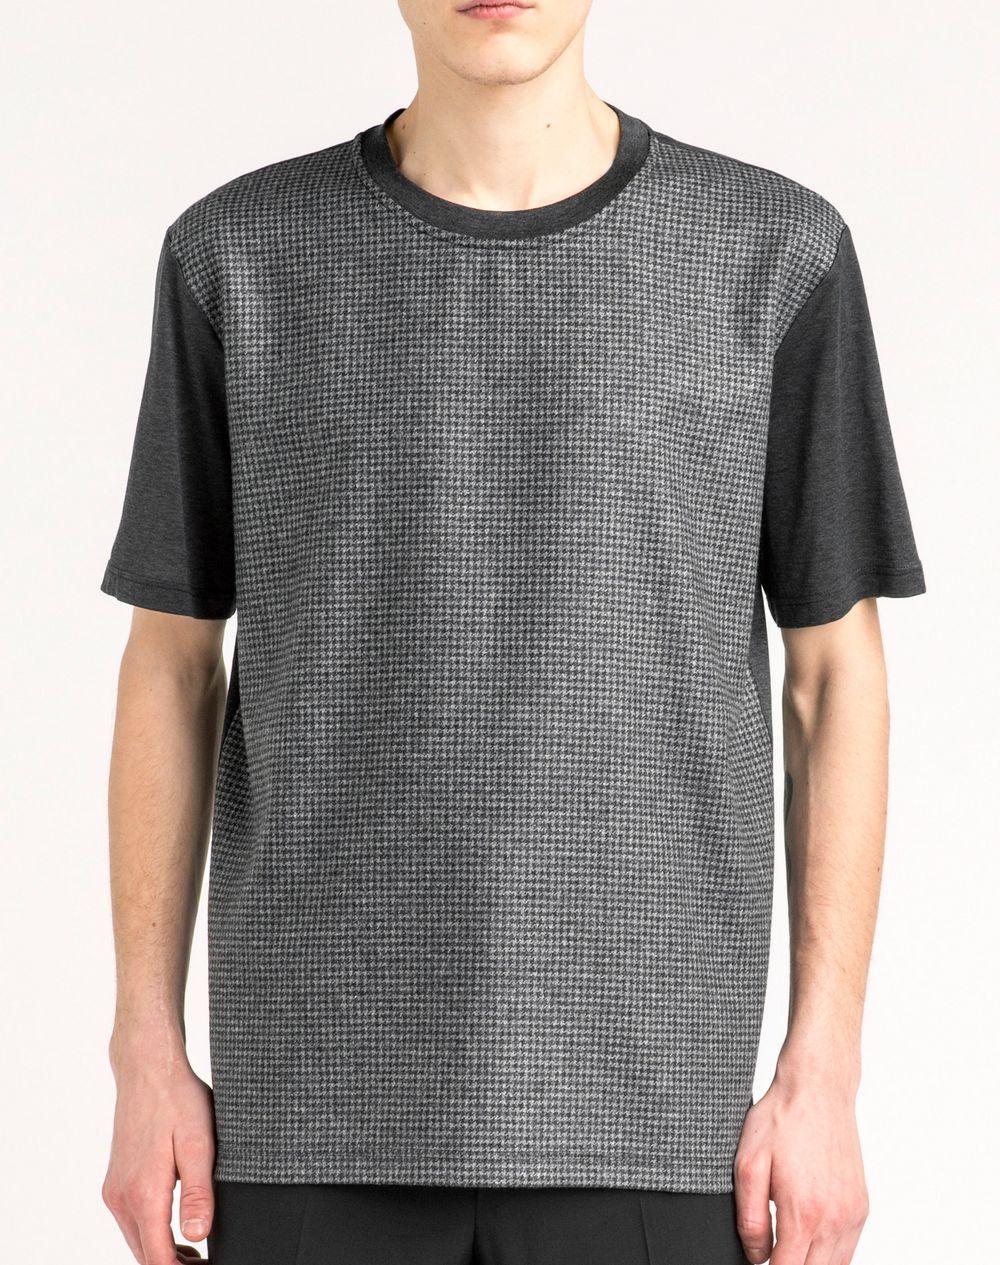 Splendida T-shirt pied-de-poule  - Lanvin